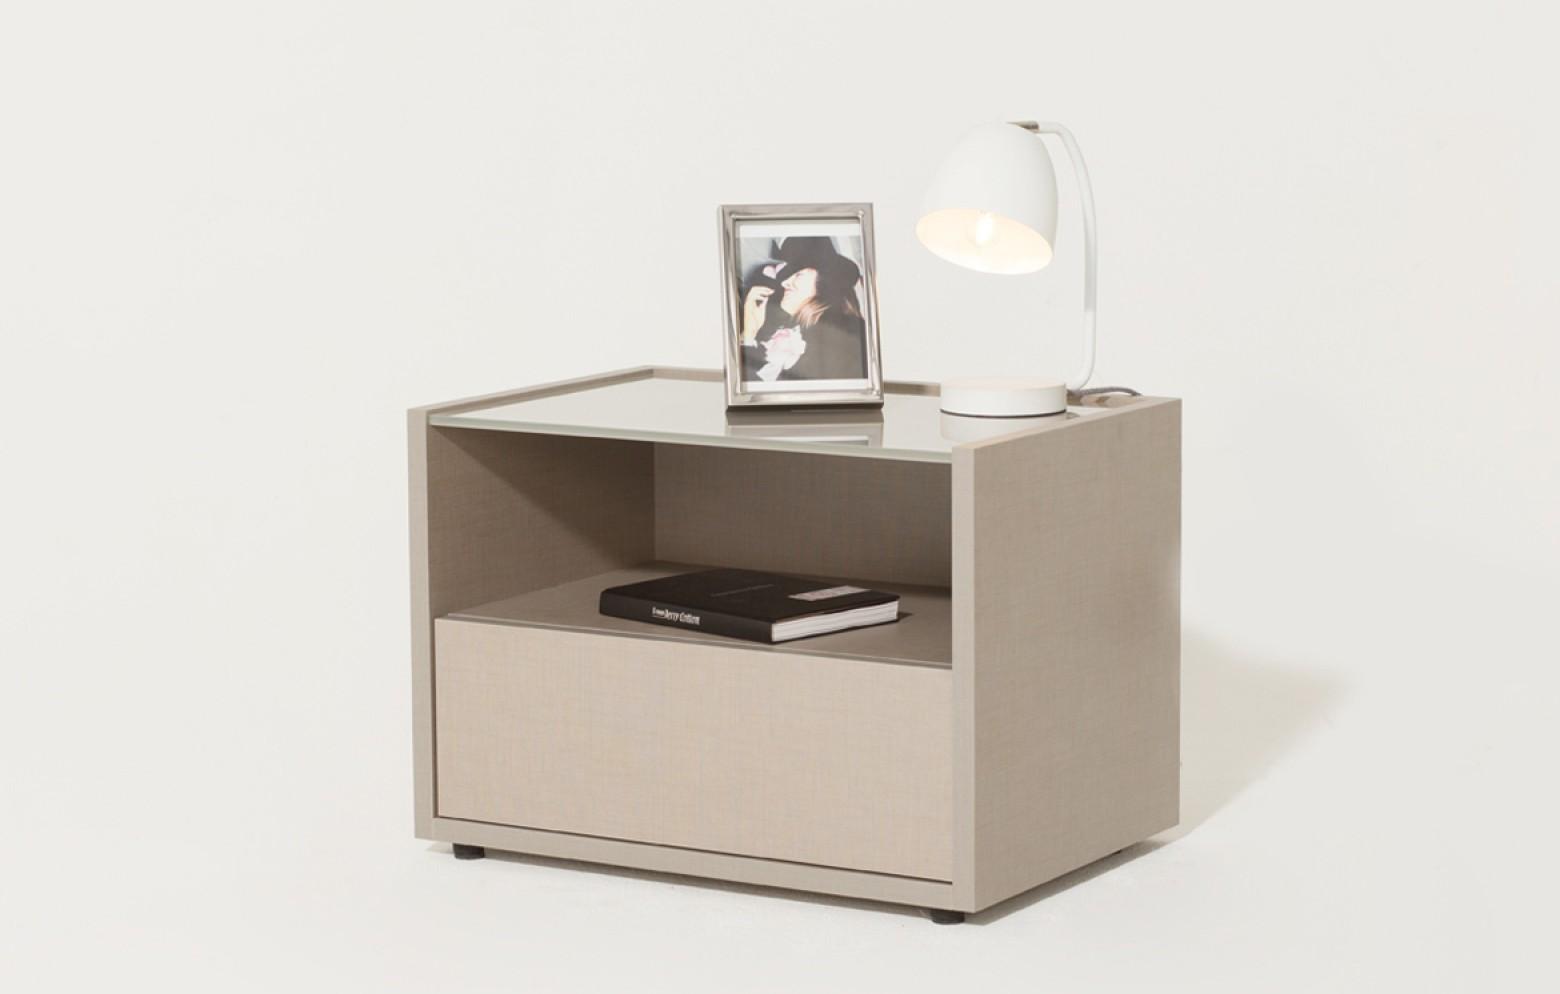 eureka nachttisch nachttische betten schr nke who 39 s perfect. Black Bedroom Furniture Sets. Home Design Ideas